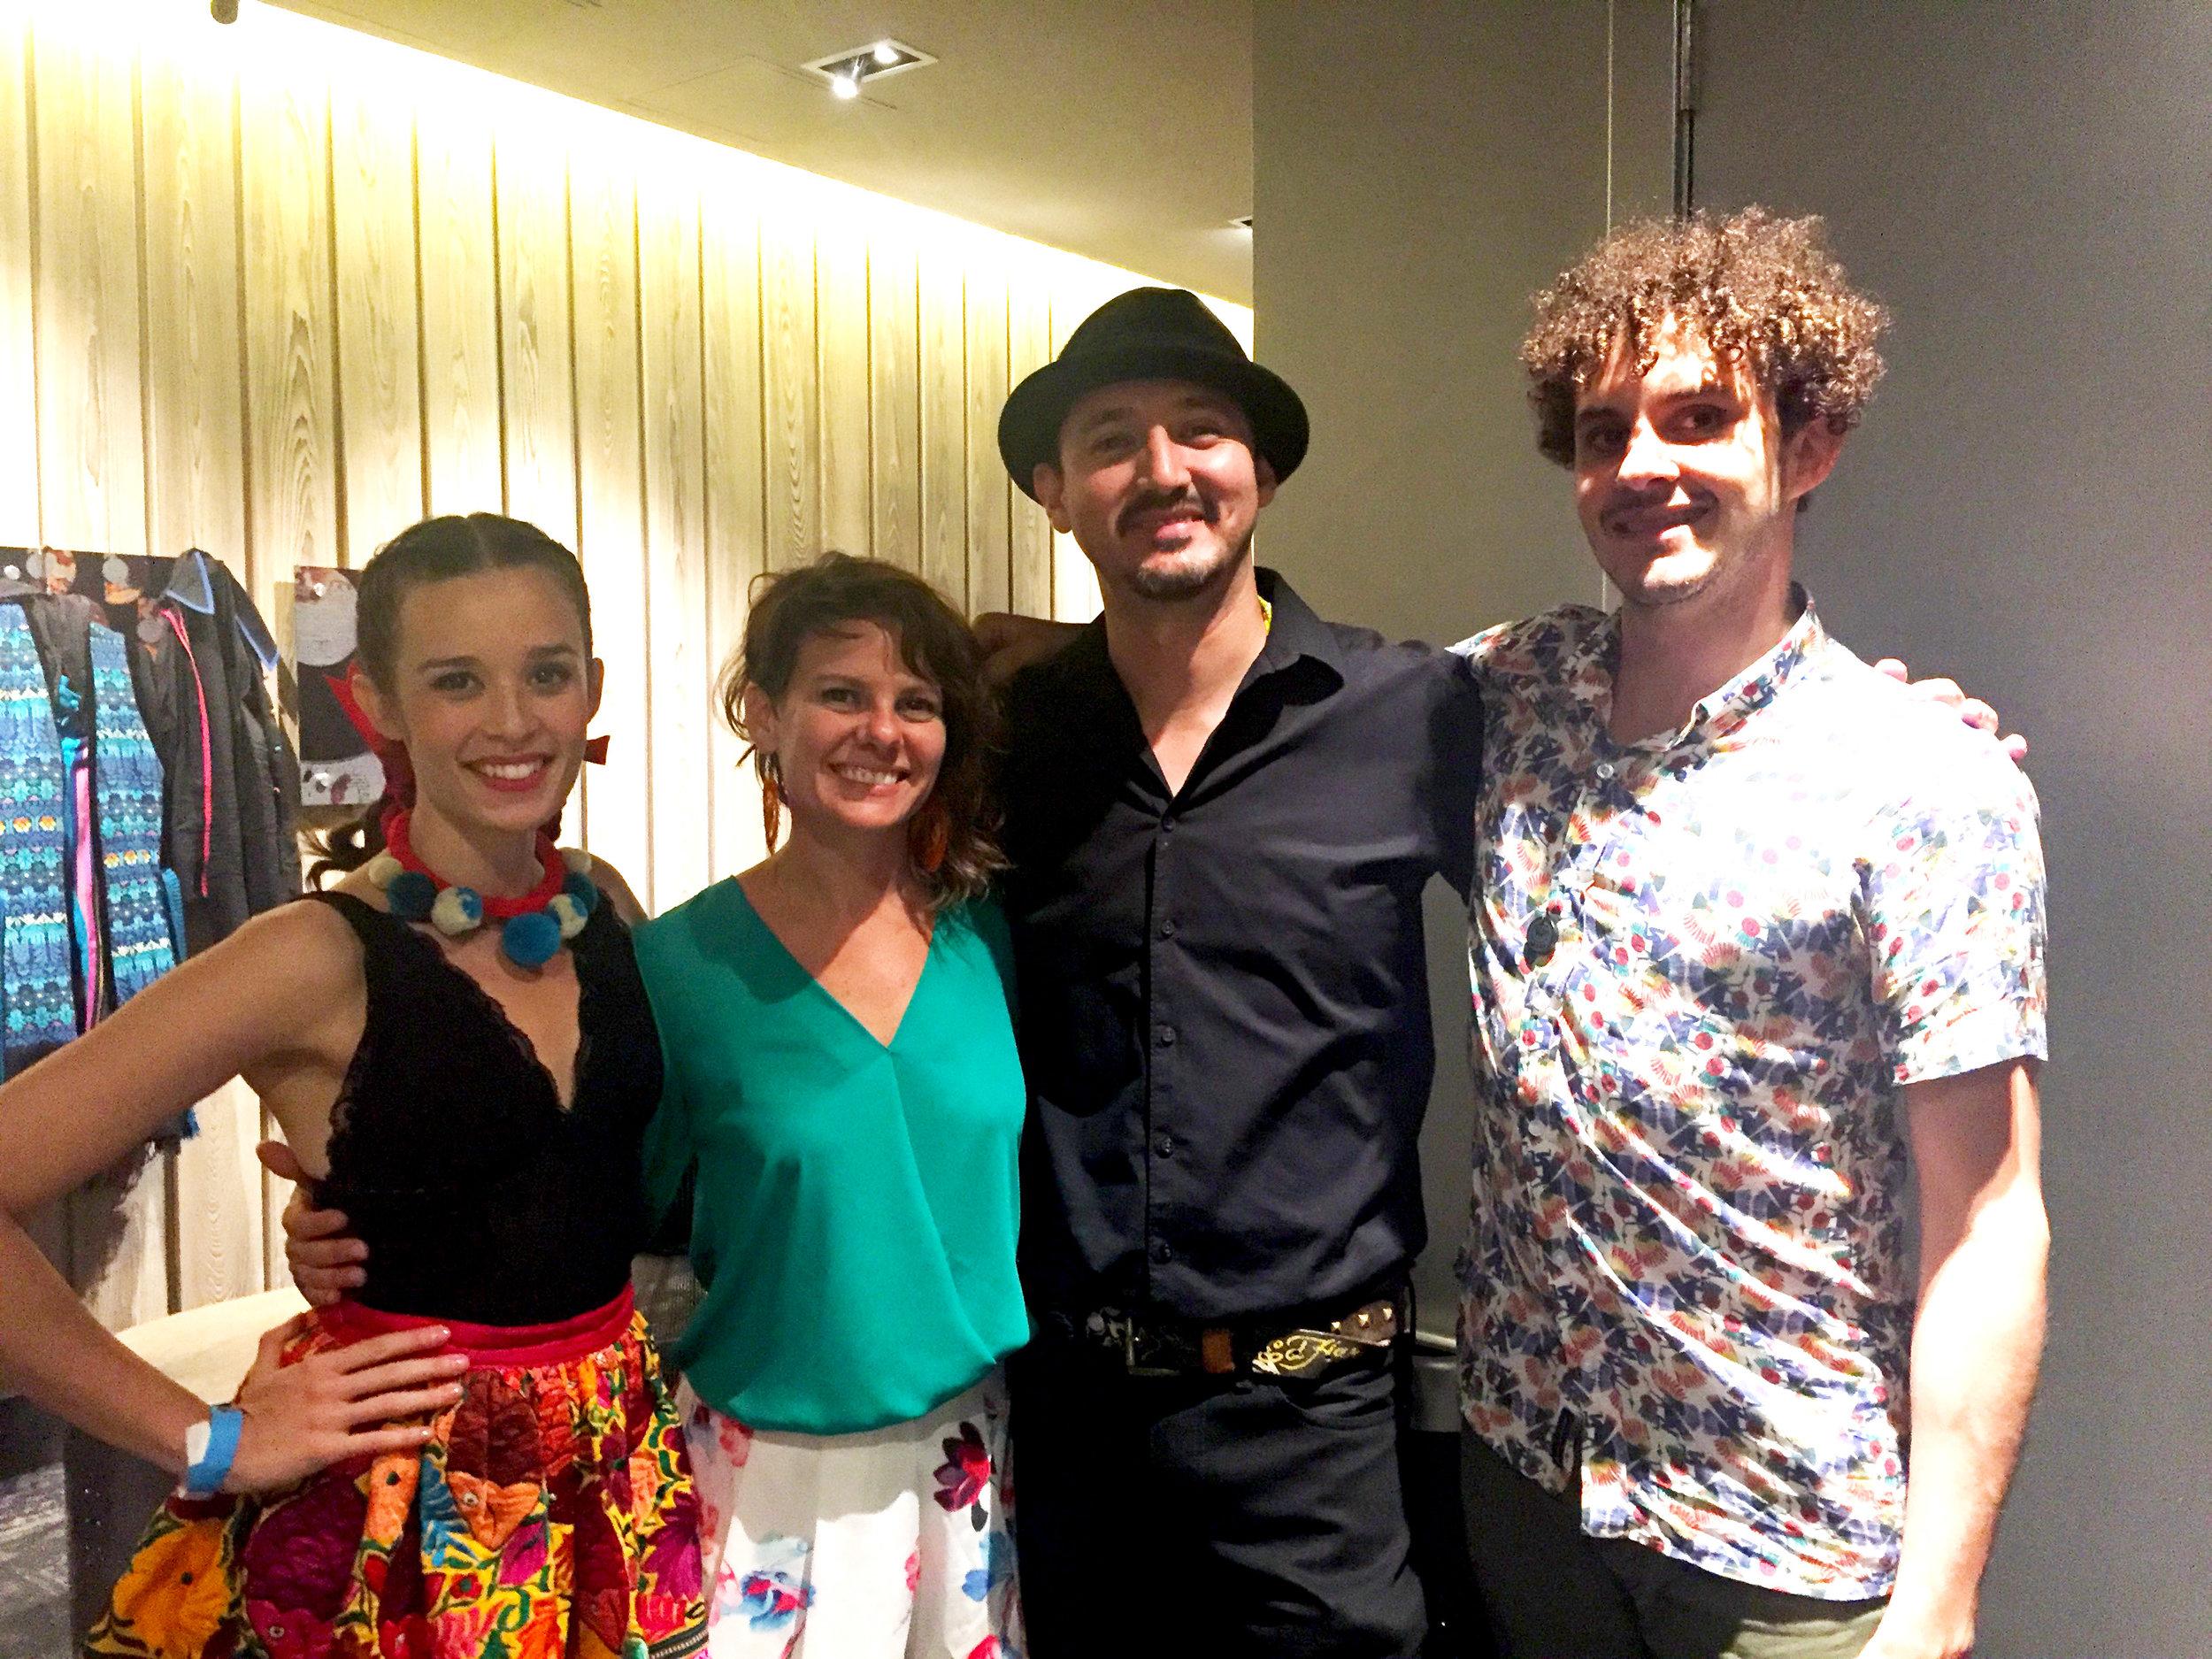 Con Catalina y Santiago de Monsieur Periné en Music Box, San Diego, CA.